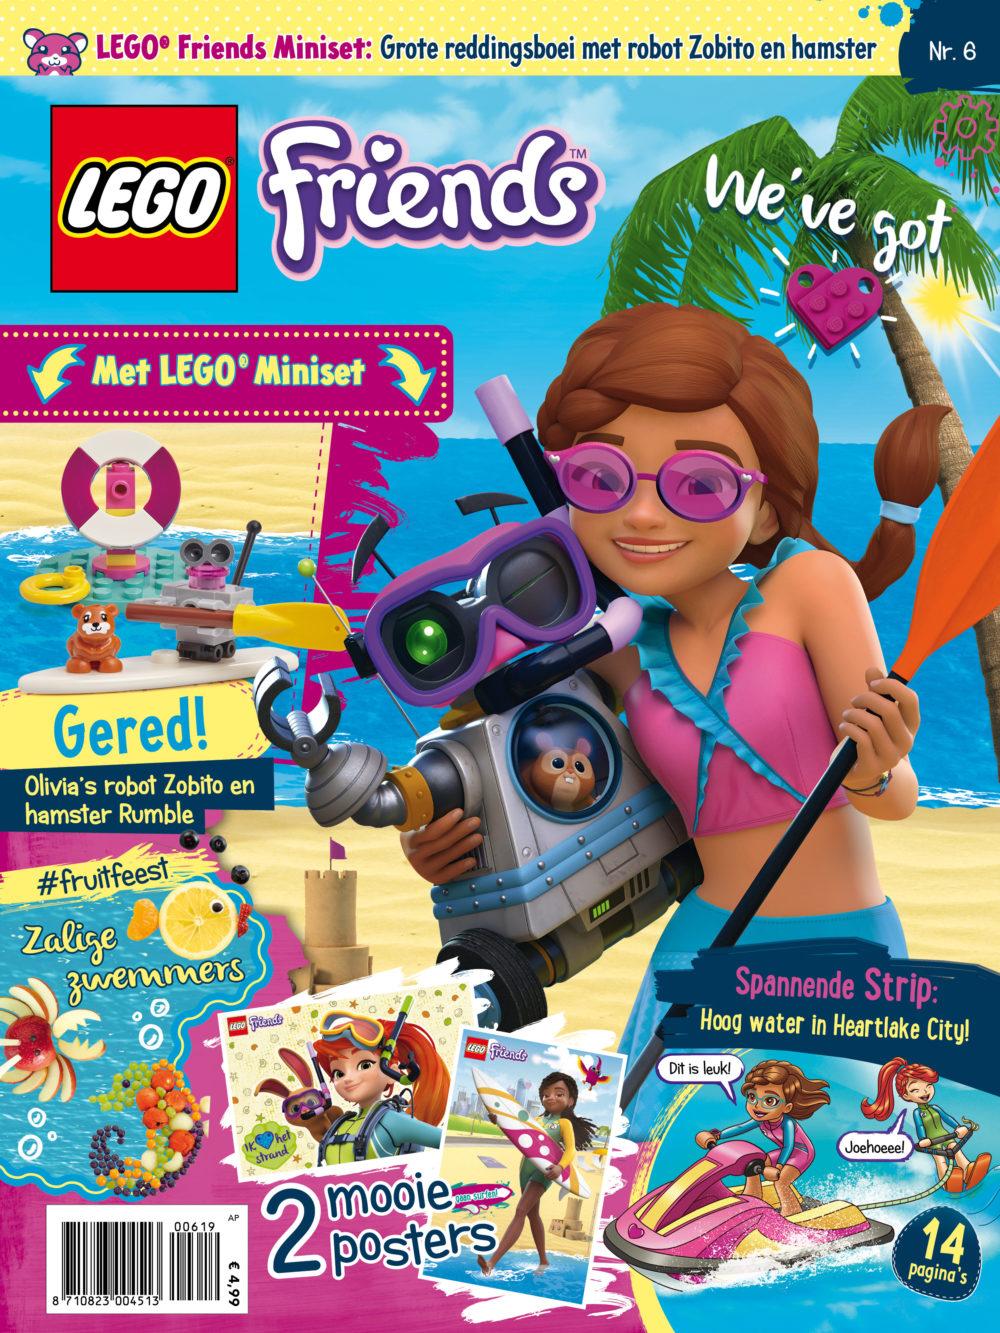 LEGO Friends magazine nummer 6 2019